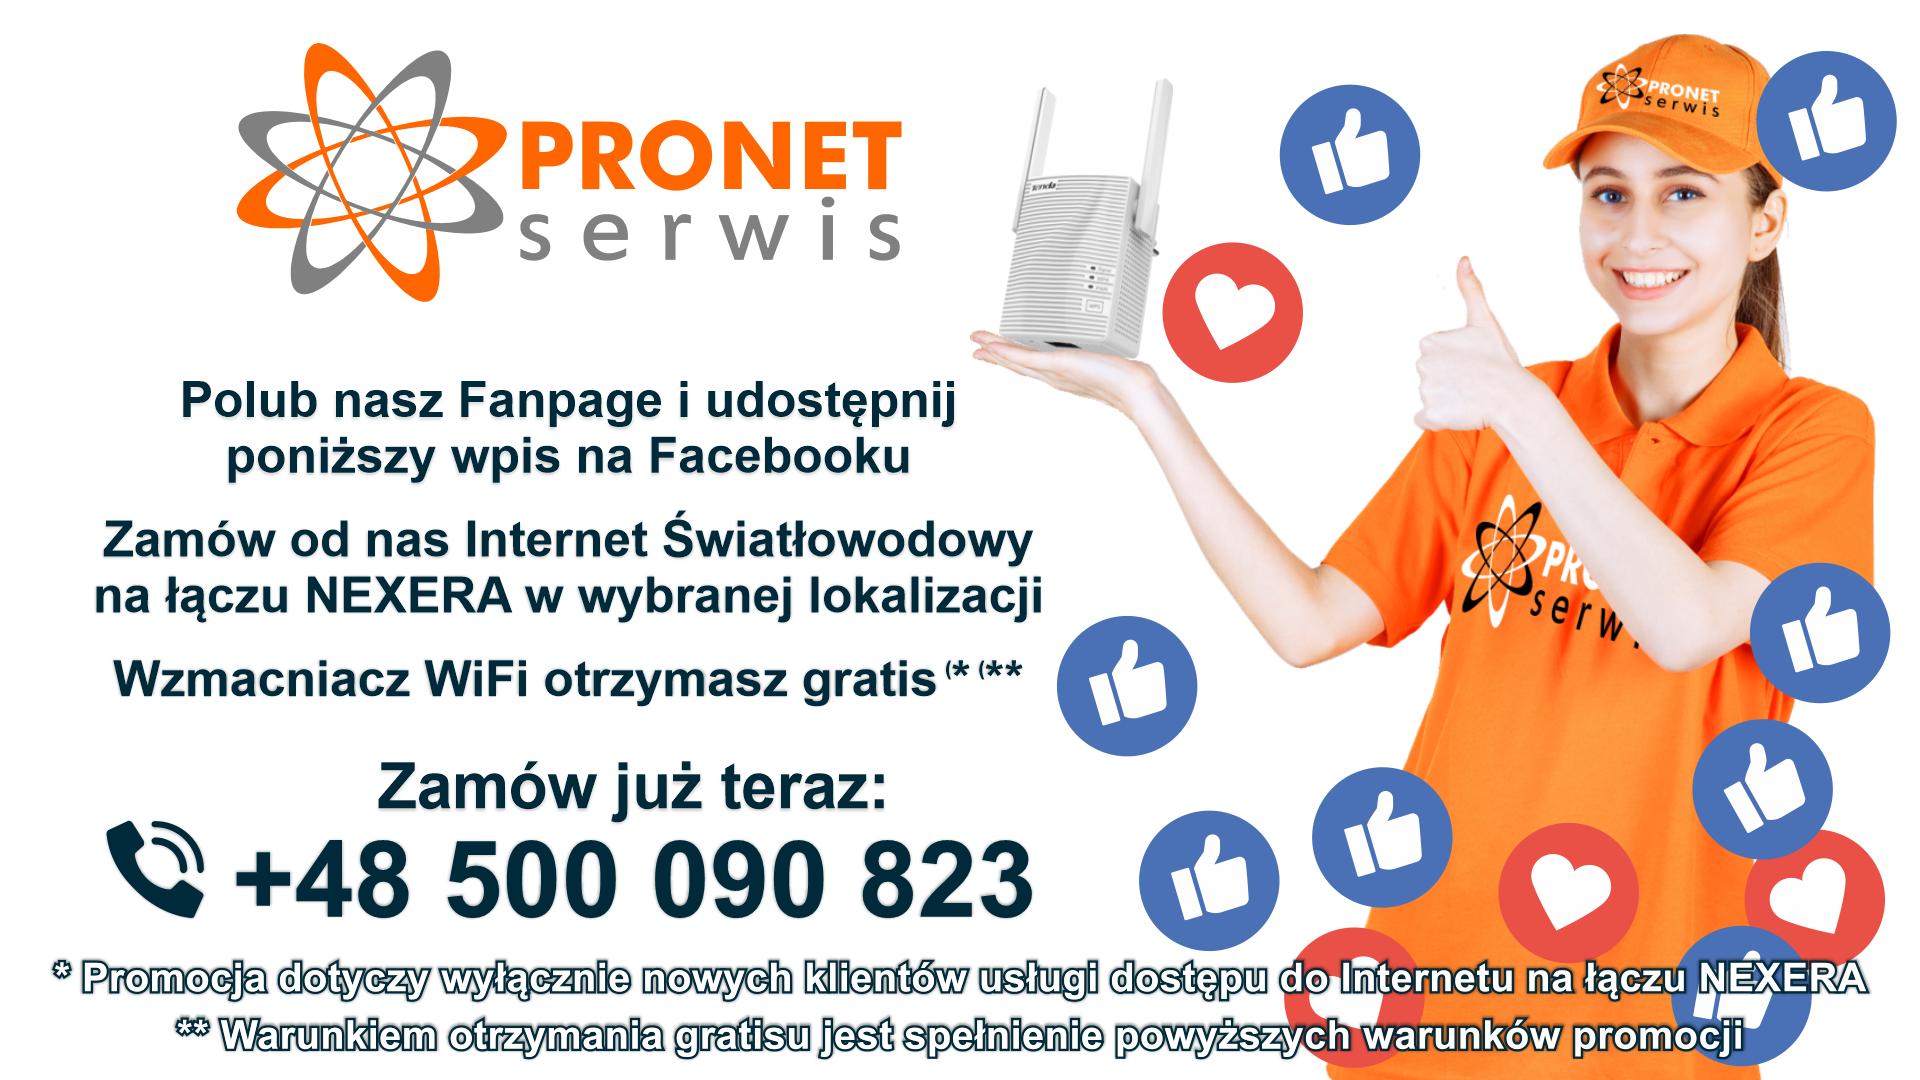 Polub nasz profil na Facebooku i odbierz wzmacniacz Wi-Fi